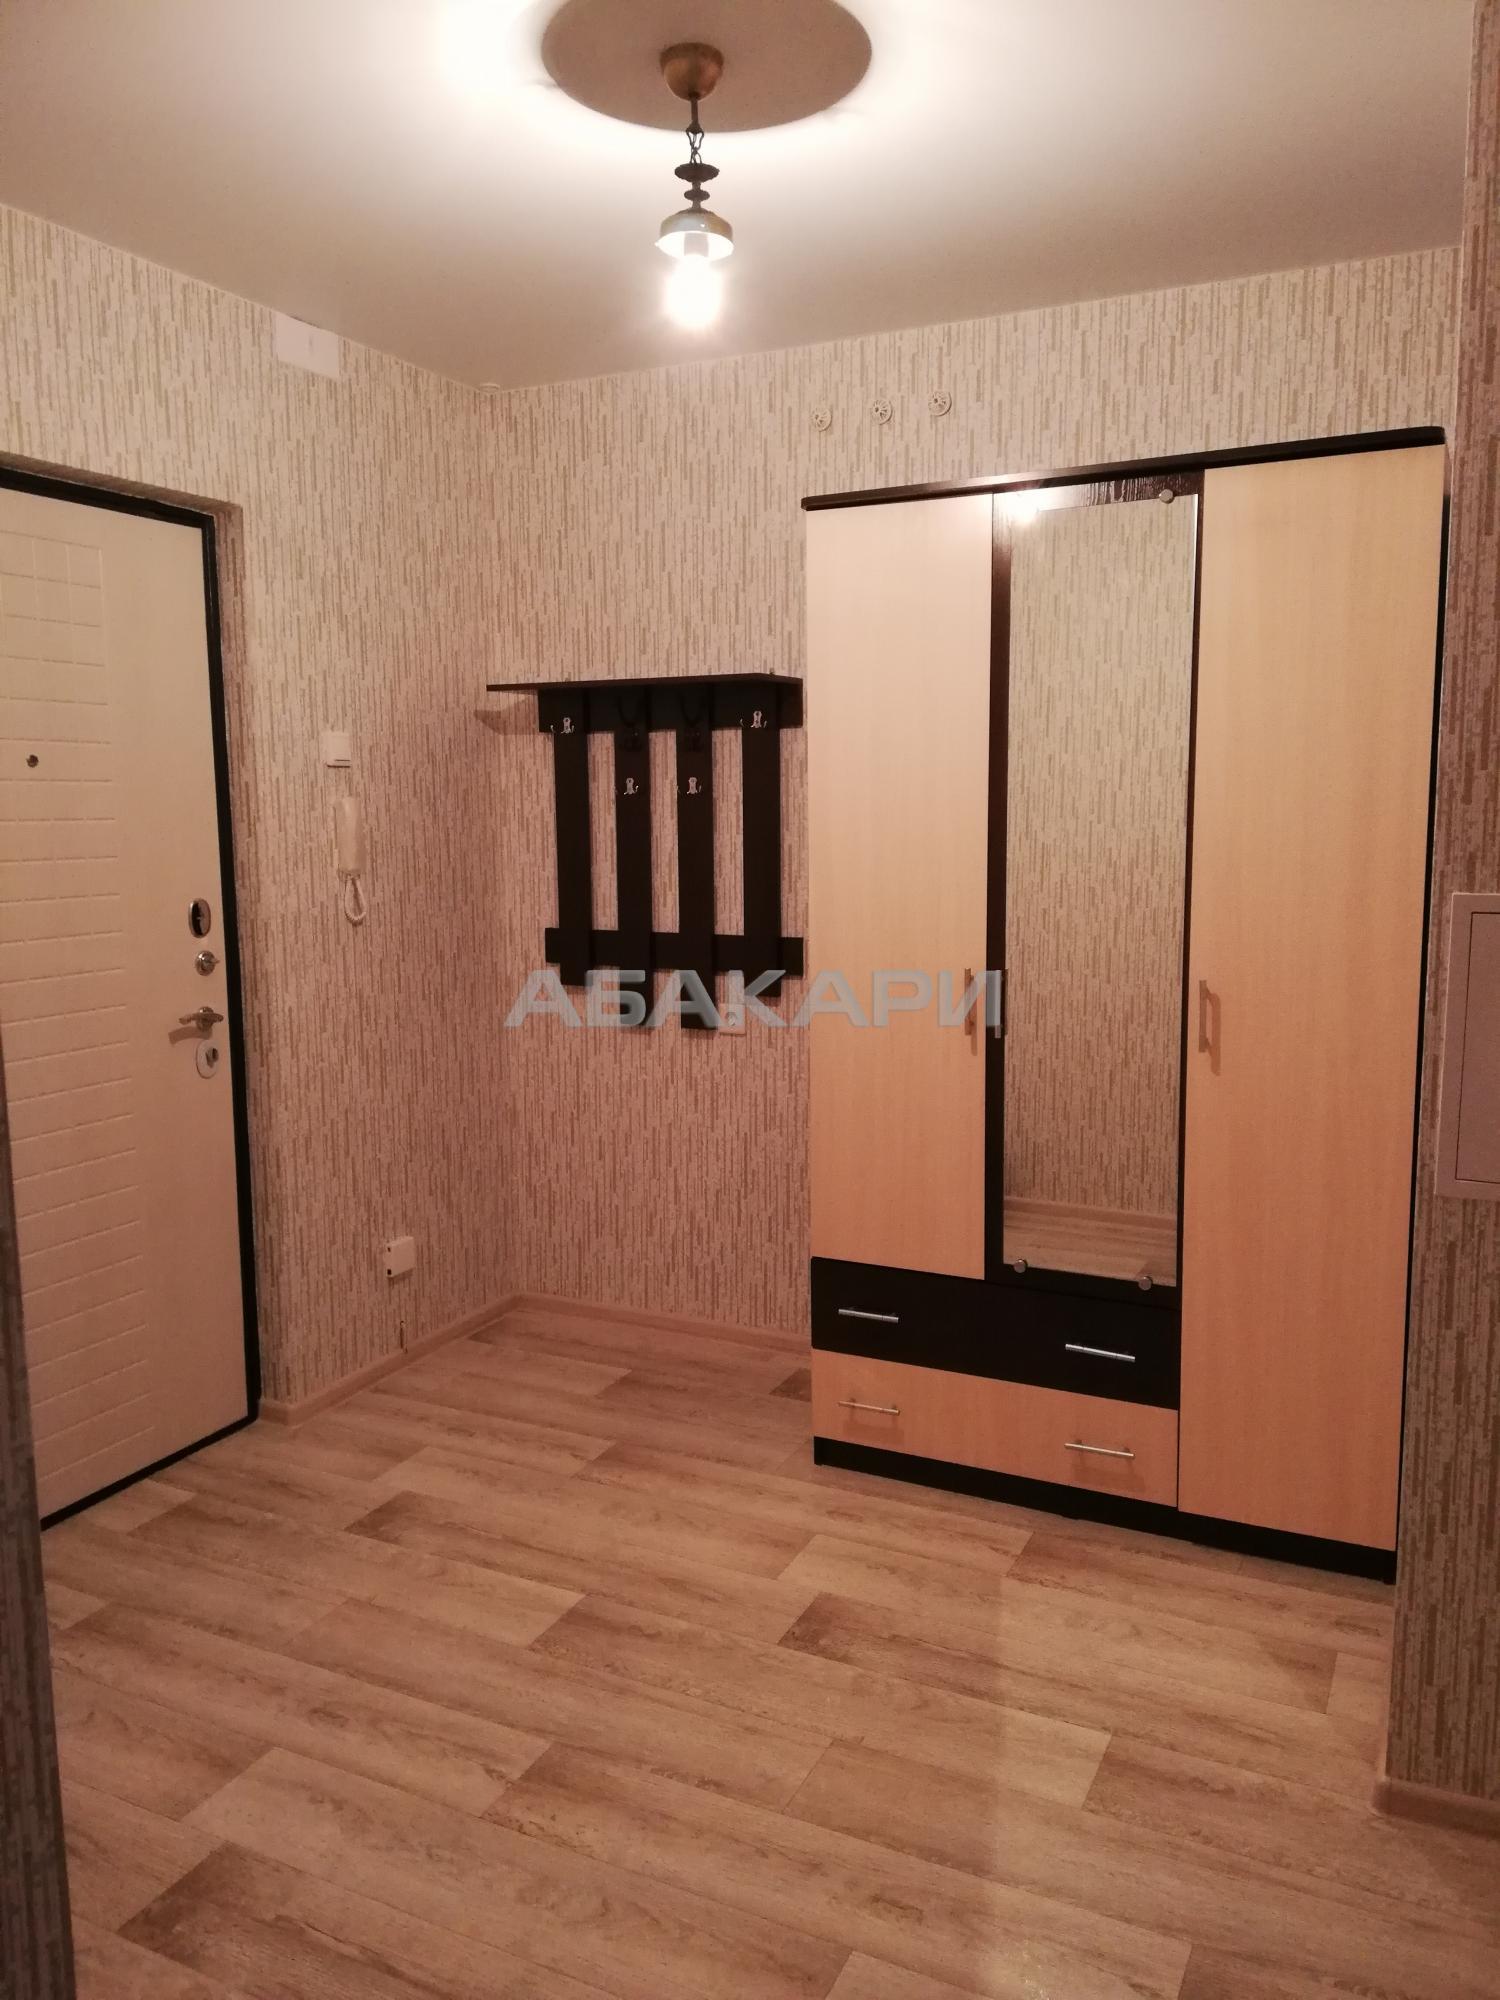 2к квартира улица Калинина, 37 | 19500 | аренда в Красноярске фото 7